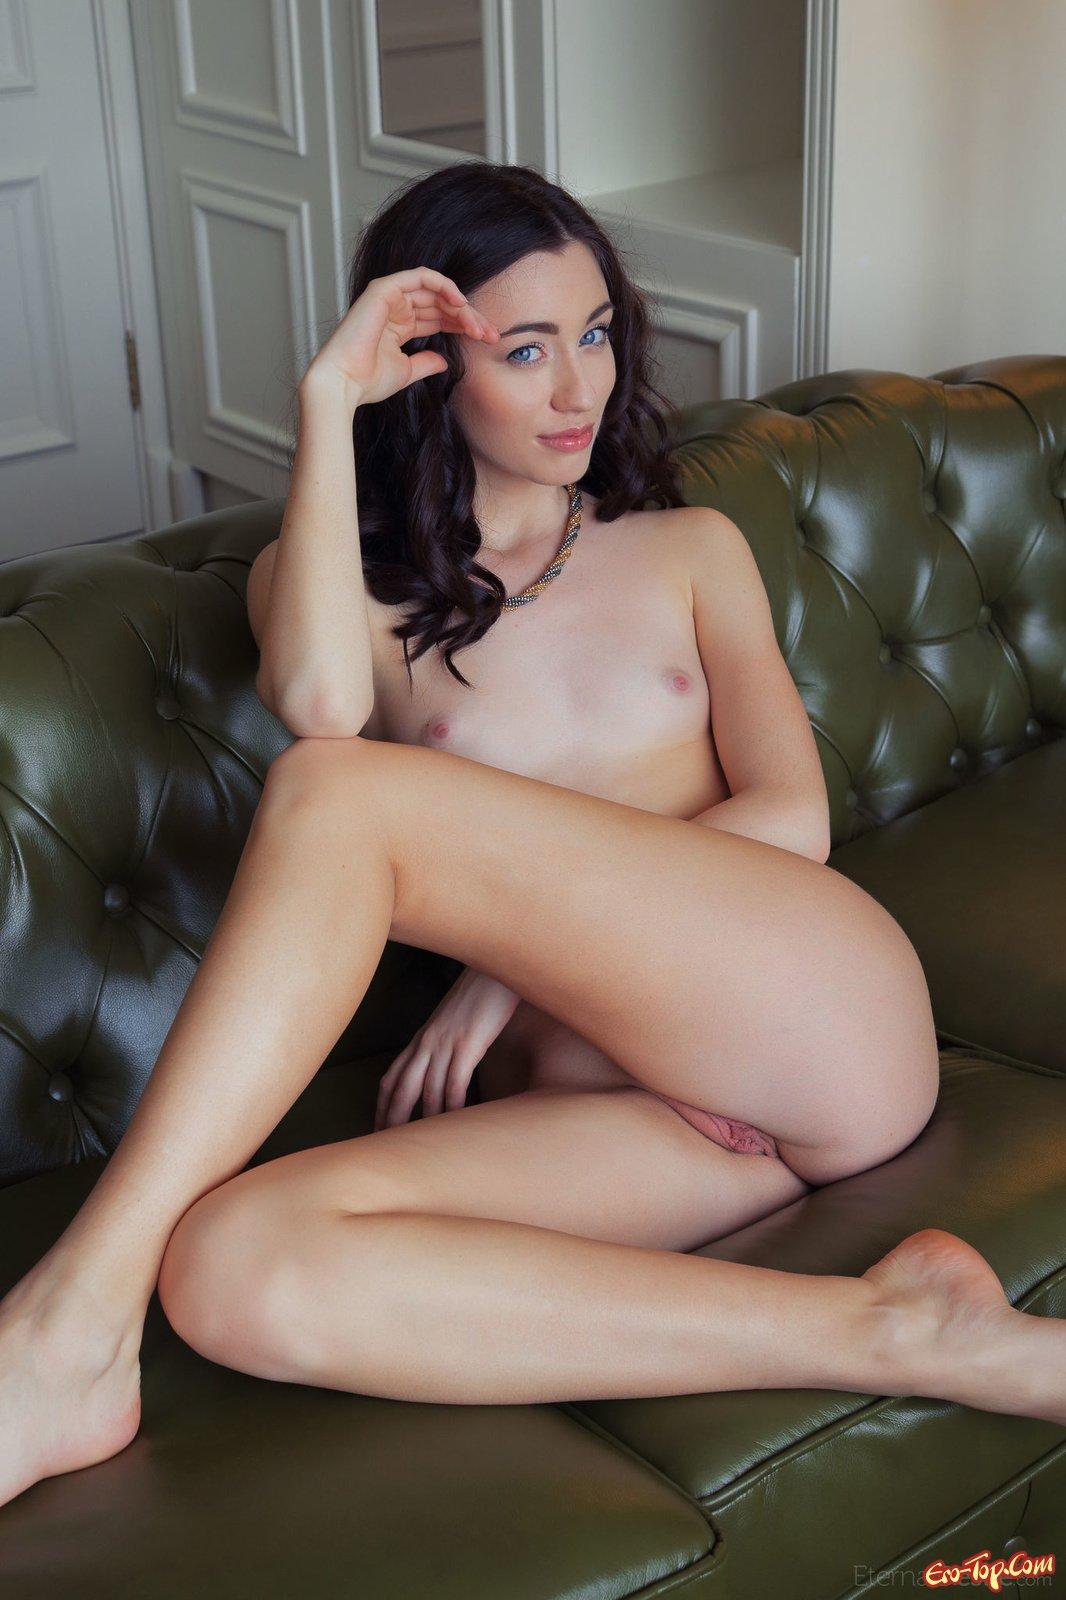 порно онлайн худенькая брюнетка